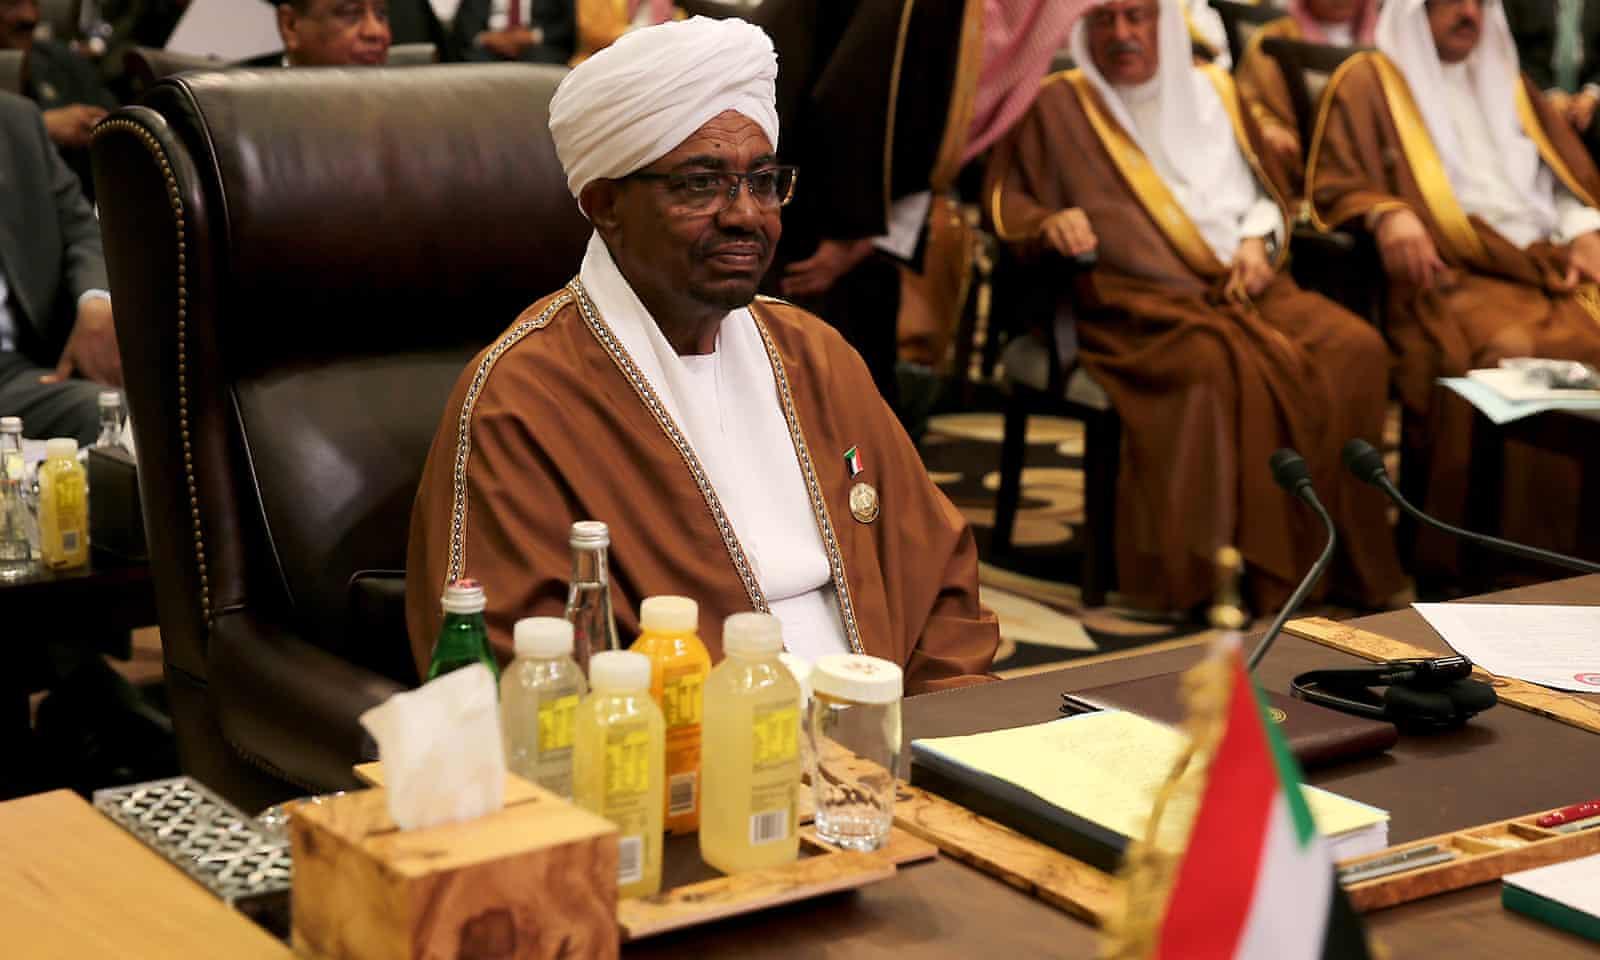 Sudanese president Omar al-Bashir at the Arab League summit in Jordan in March 2017.